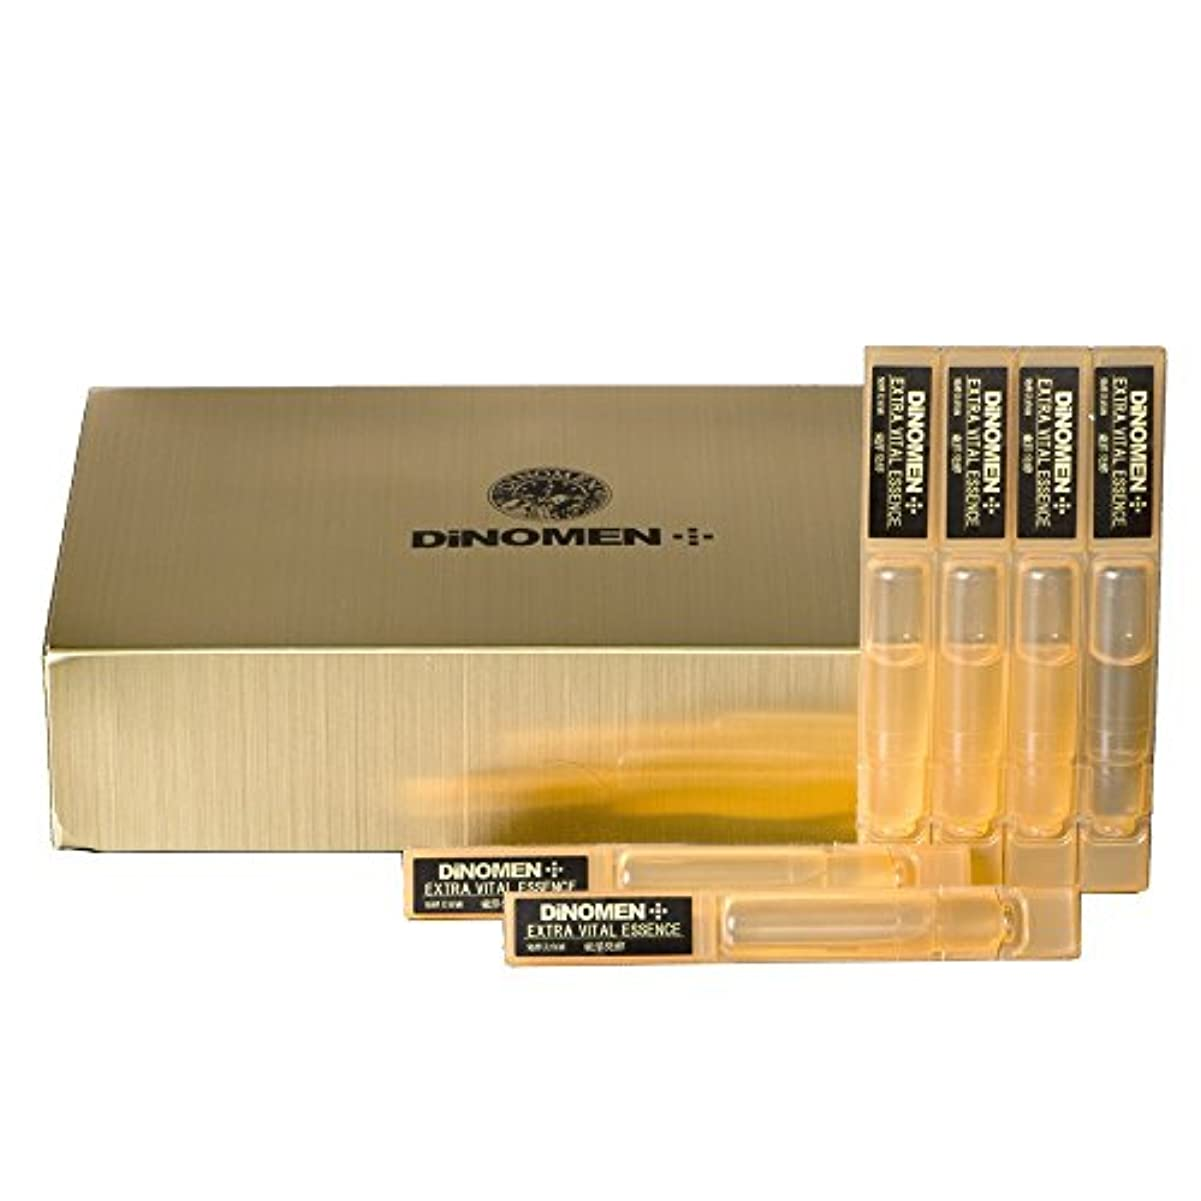 みなすリーフレットライナーDiNOMEN エクストラバイタルエッセンス 発酵美容液 30本入 男性化粧品